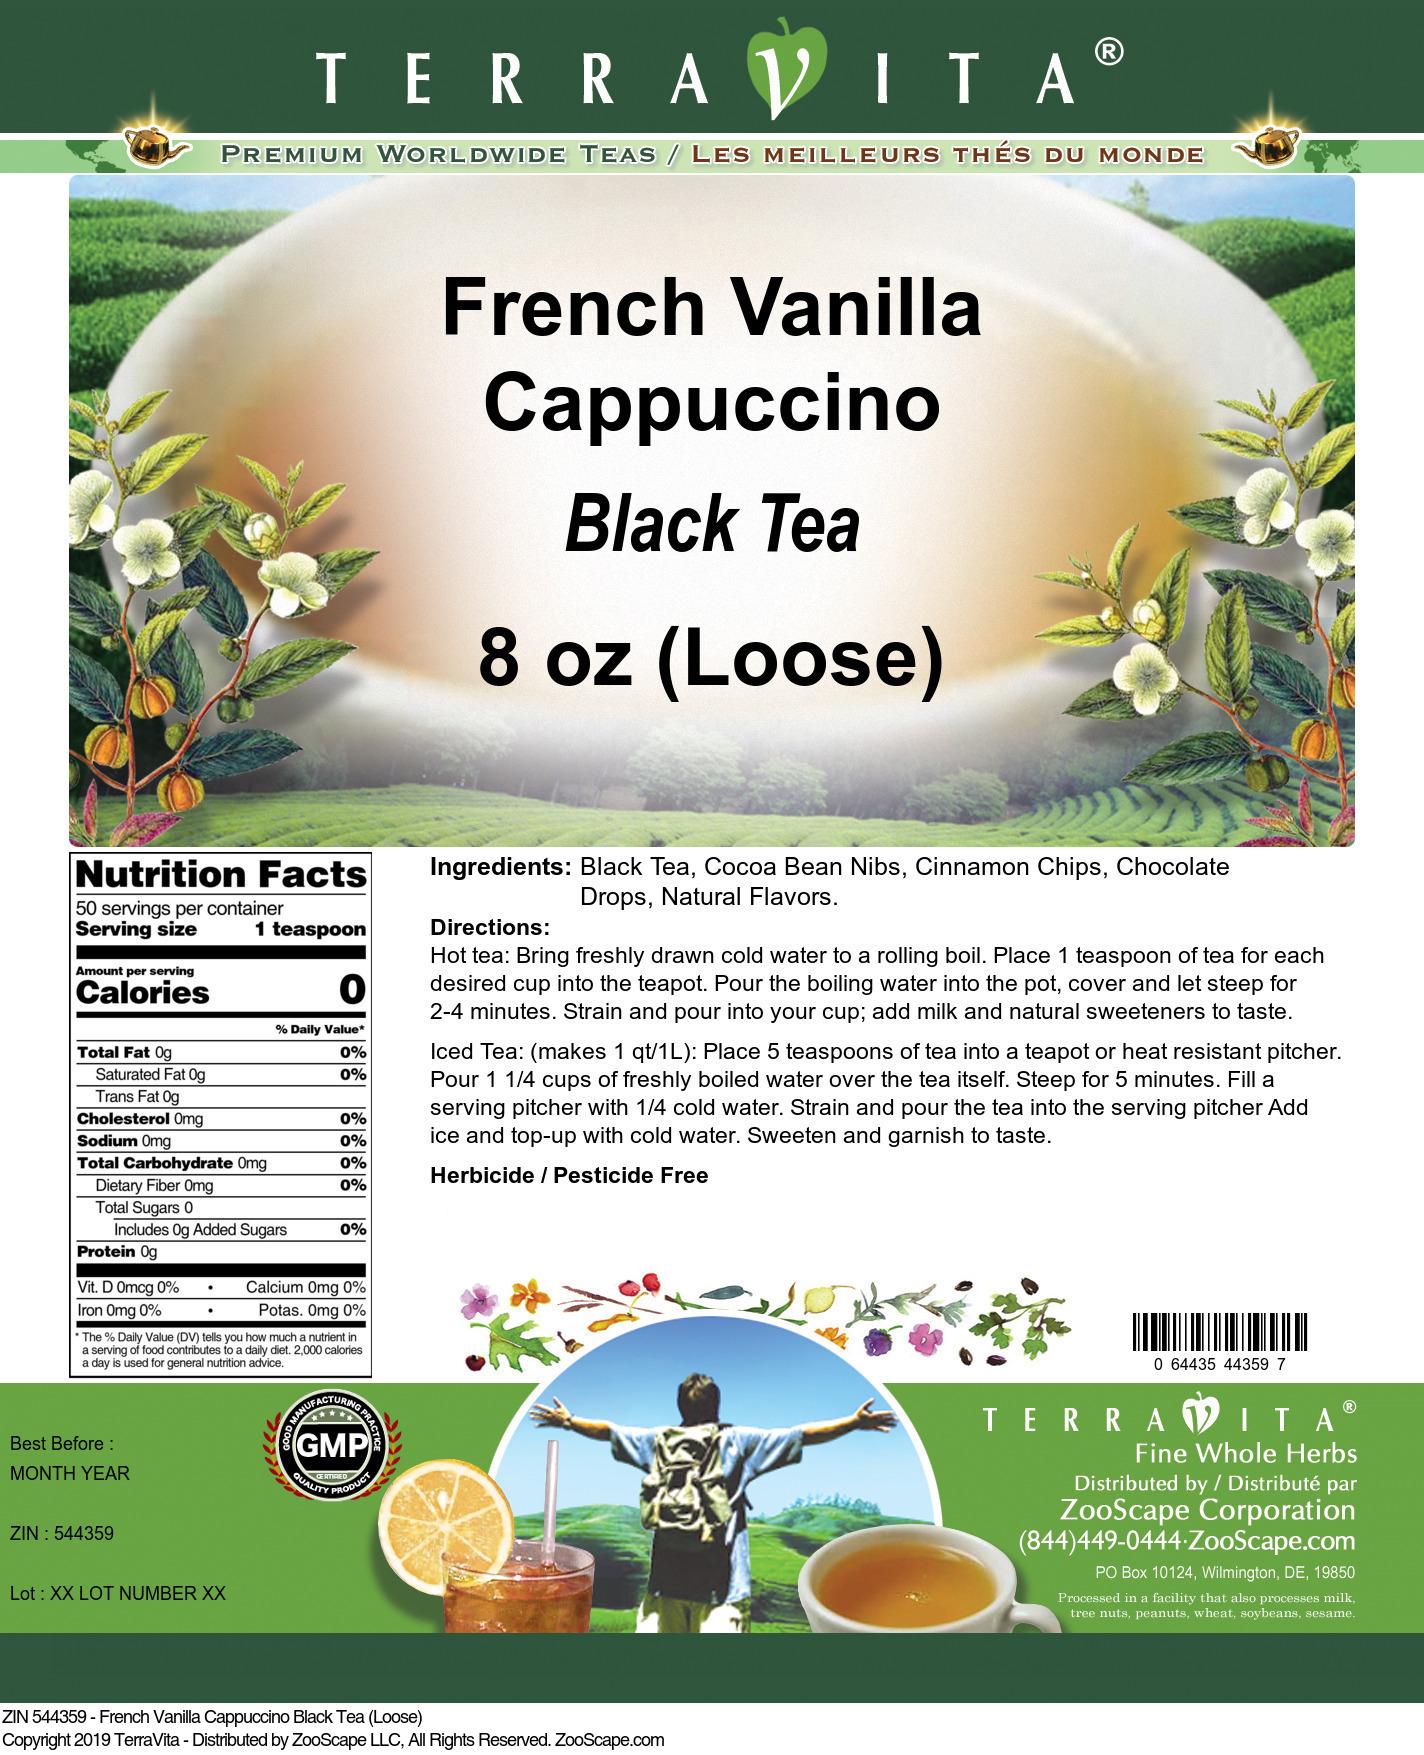 French Vanilla Cappuccino Black Tea